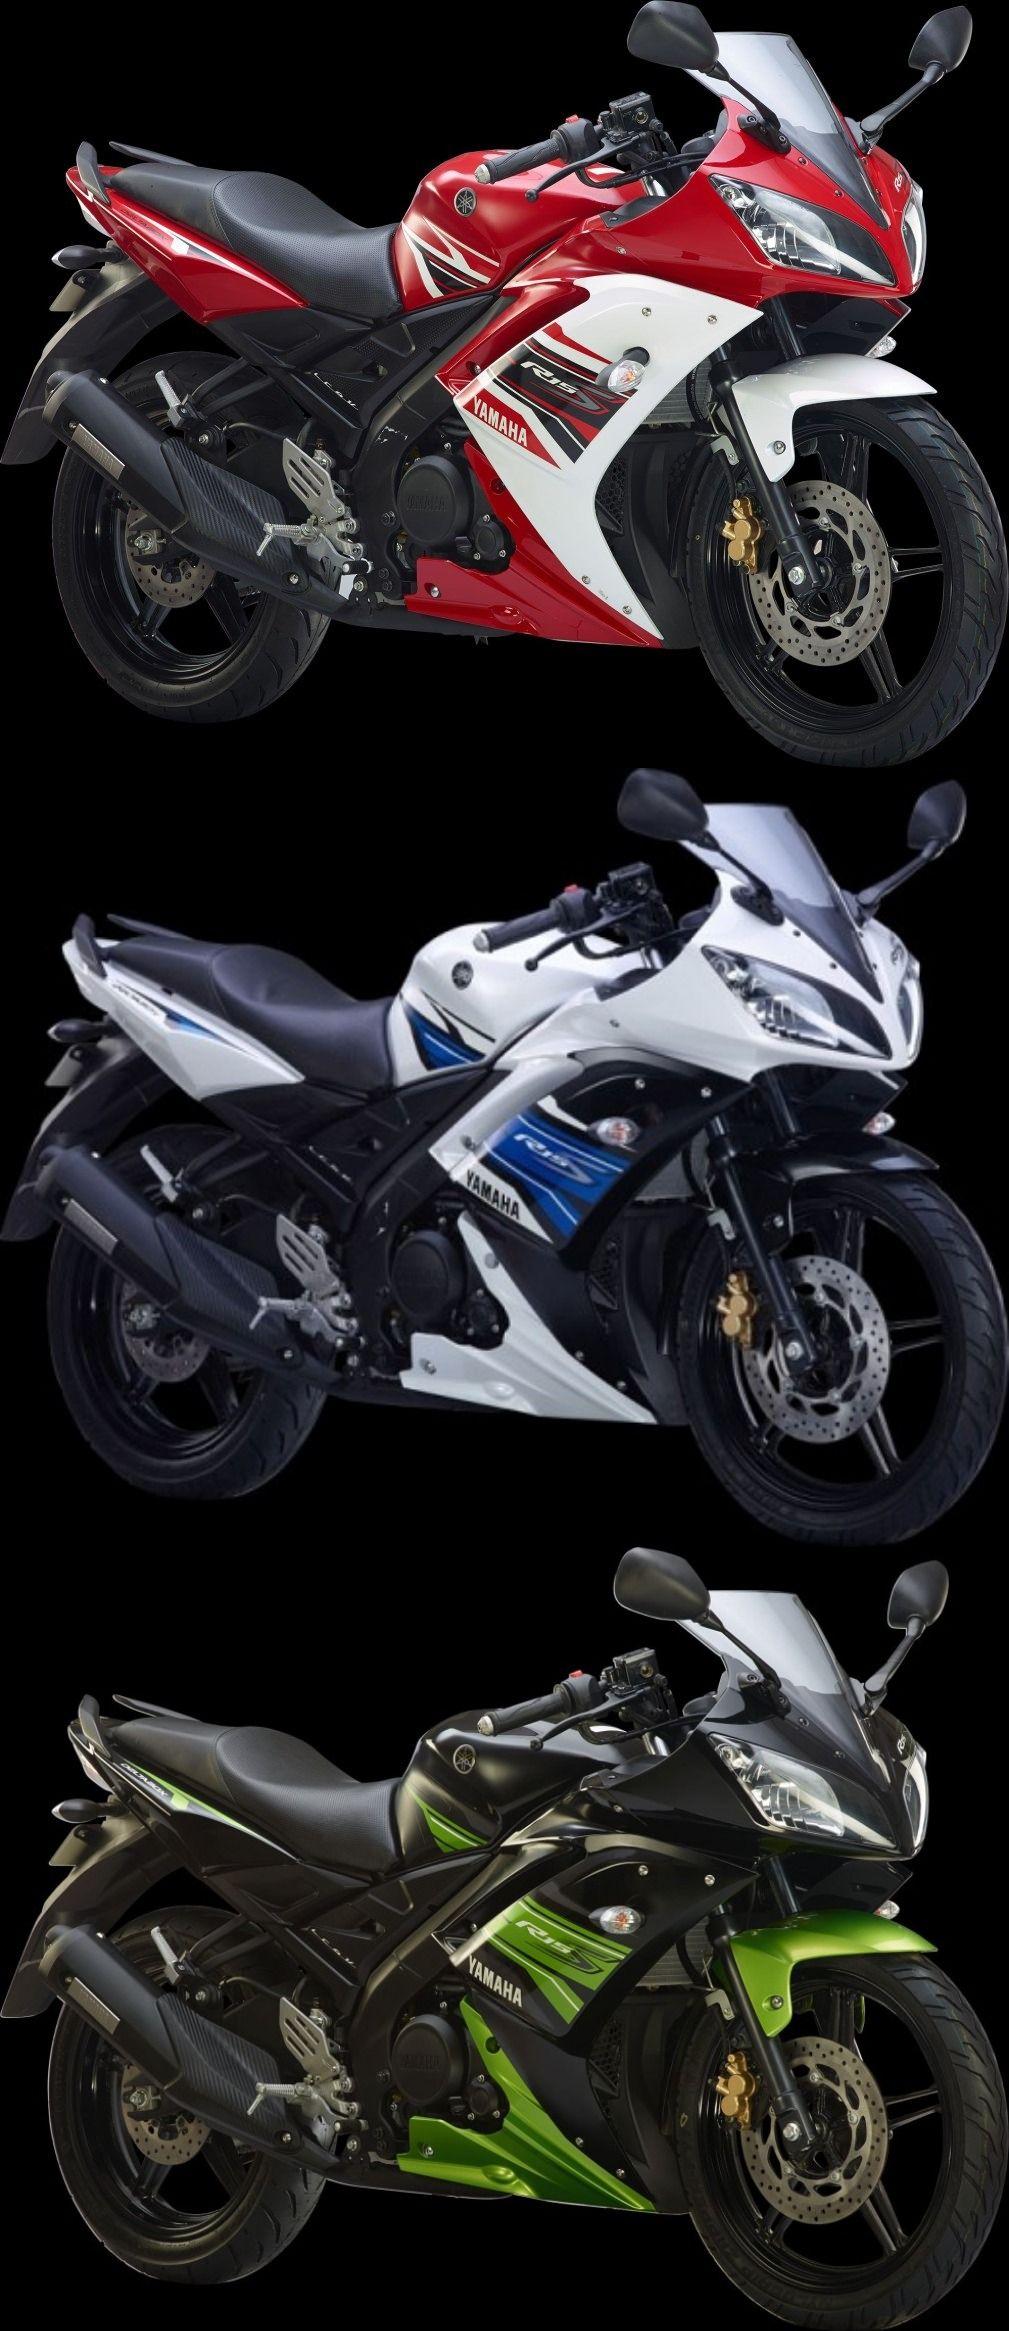 Biar Dikira Moge Yamaha R15 Dilengkapi Upside Down Warna Emas